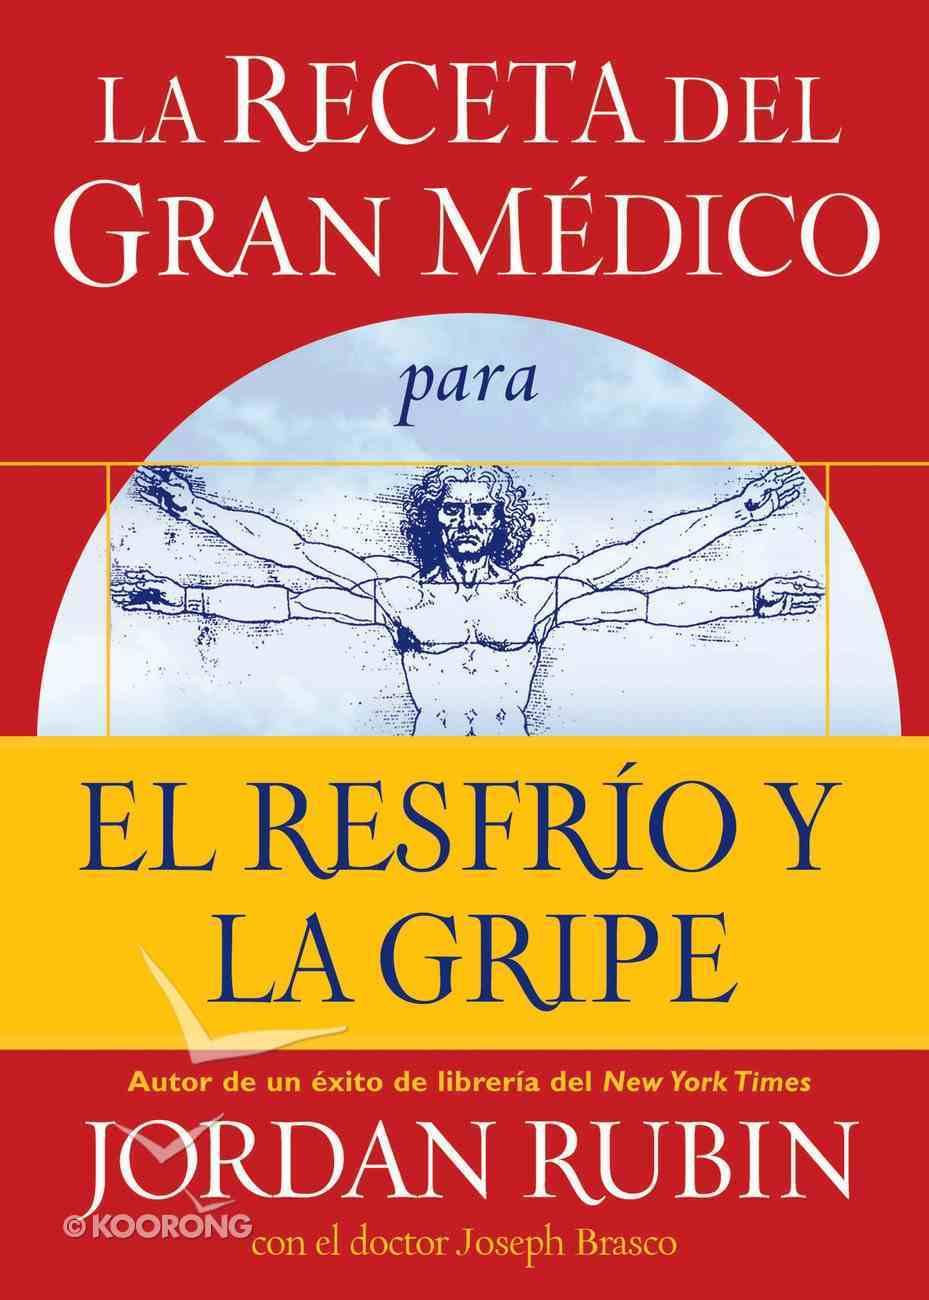 La Receta Del Gran Medico Para Tener Saludy Bienestar Extraordinarios (Spanish) (Spa) (The Great Physician's Rx For Health & Wellness) eBook